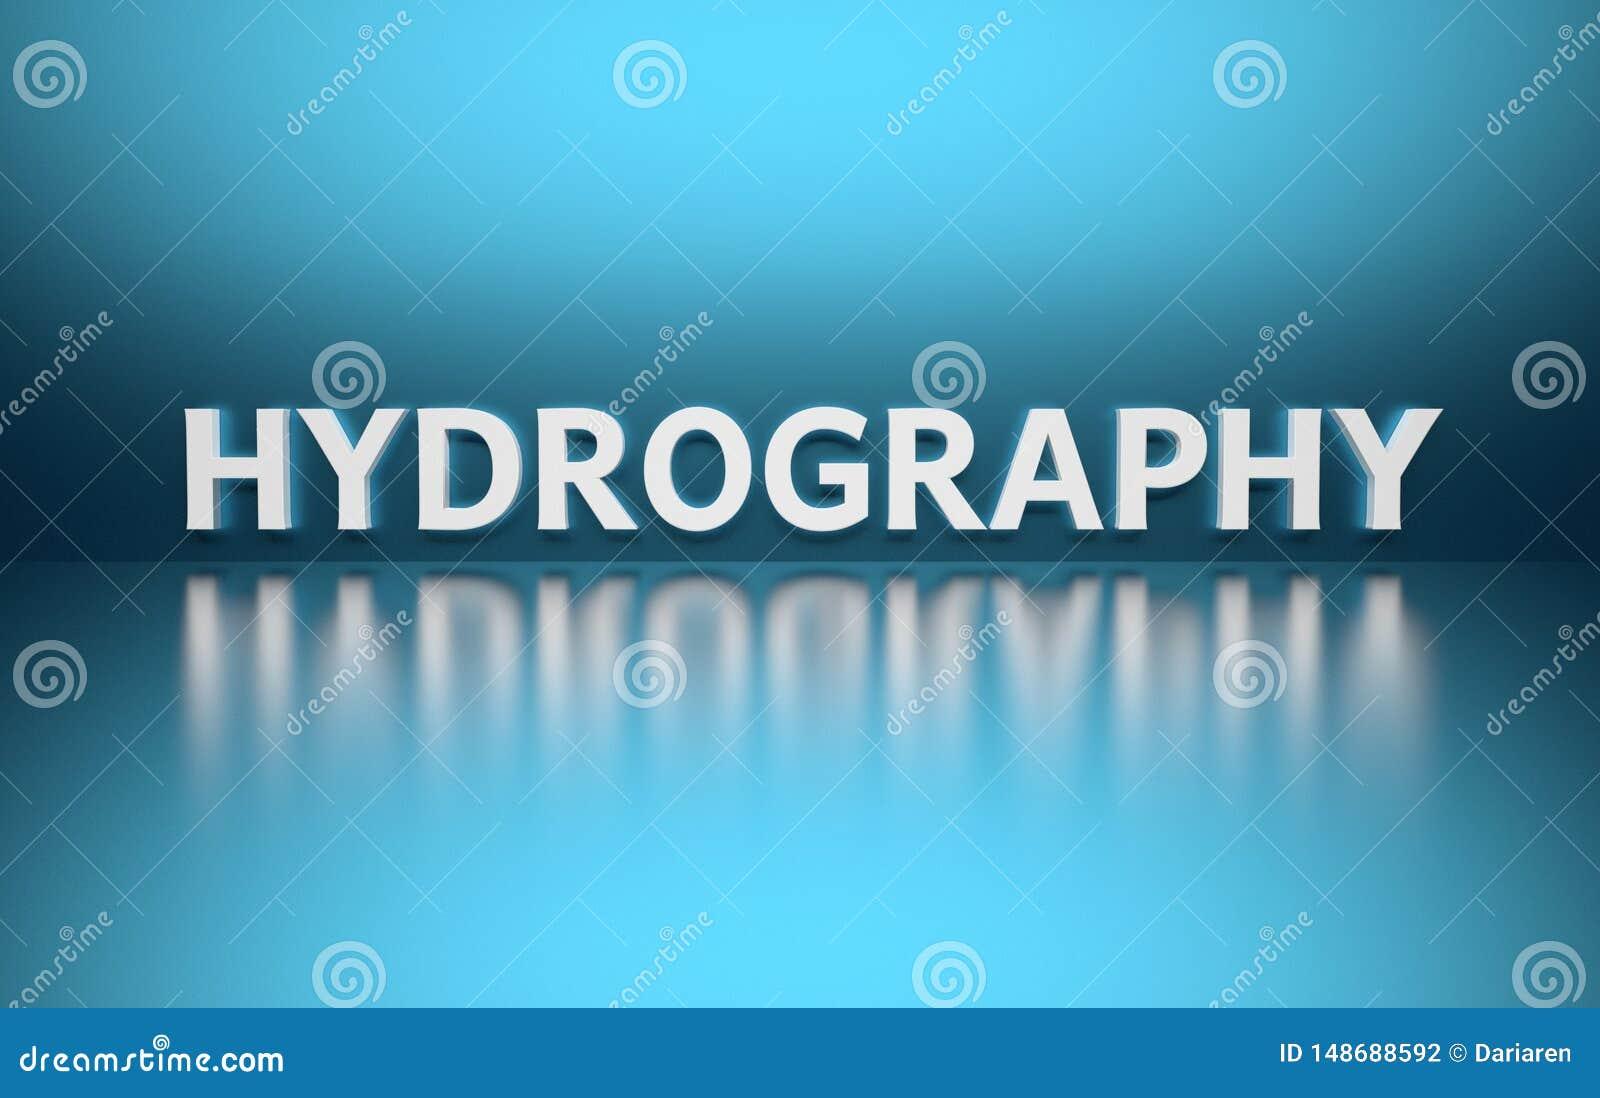 Słowo hydrografia na błękitnym tle